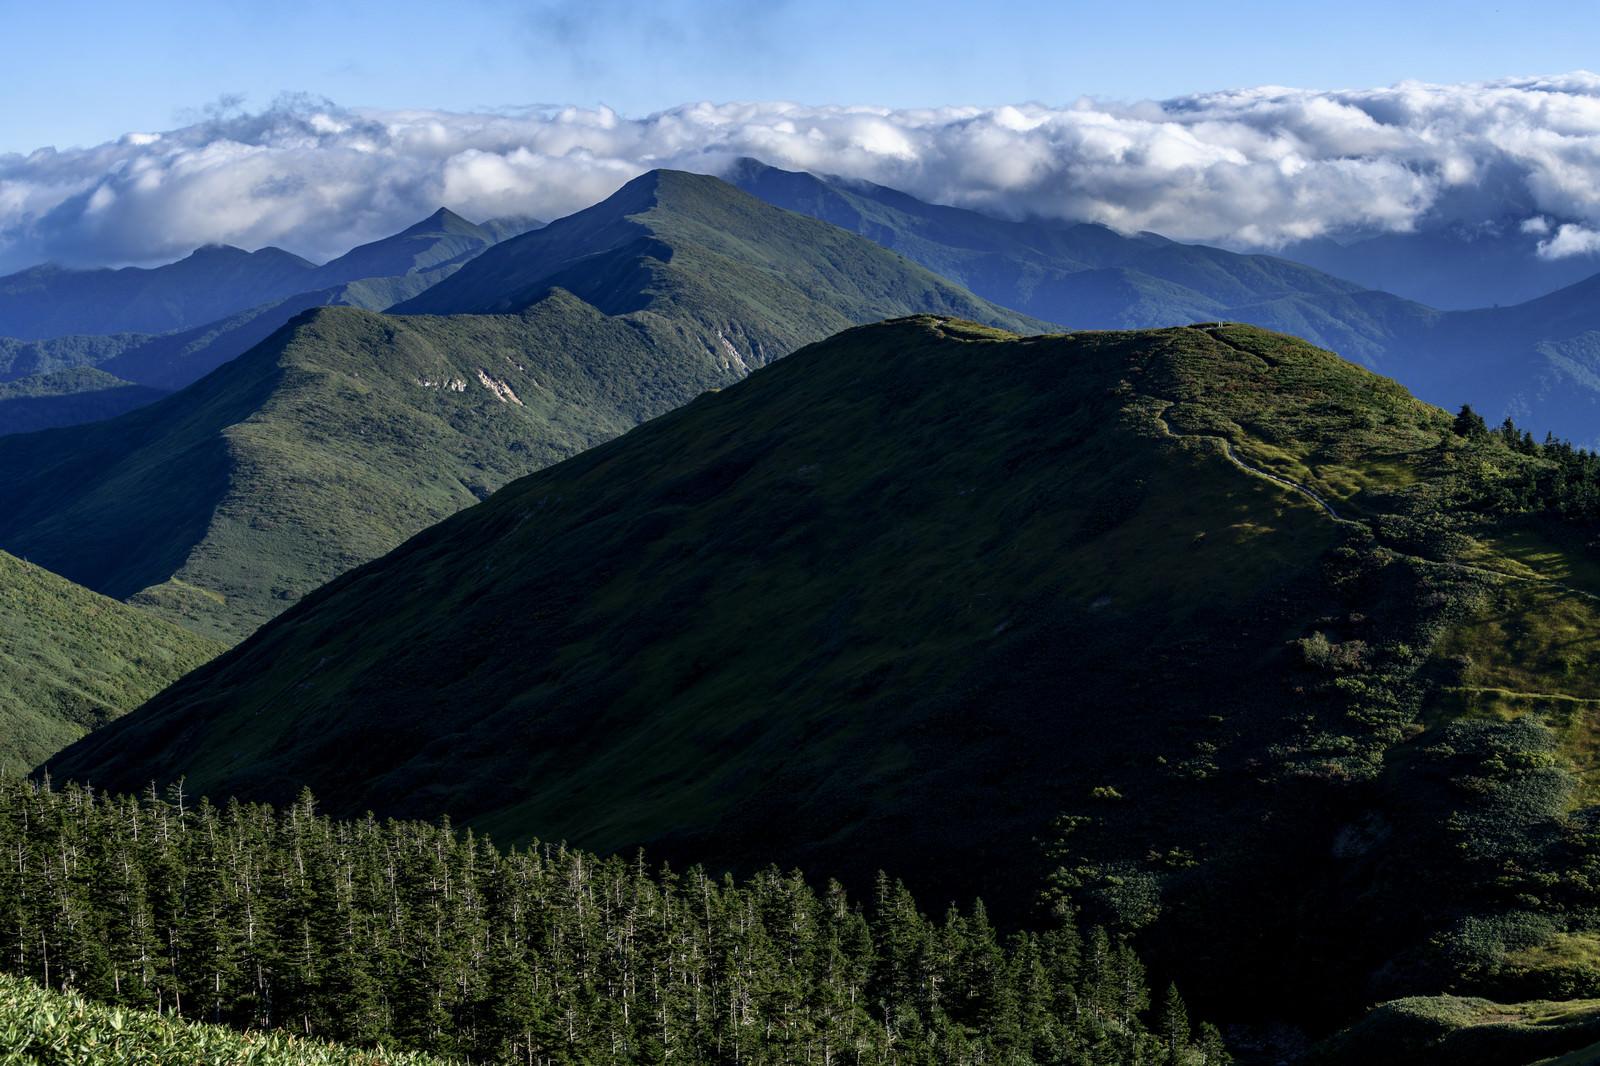 「谷川岳へと続く上越国境尾根(巻機山)」の写真